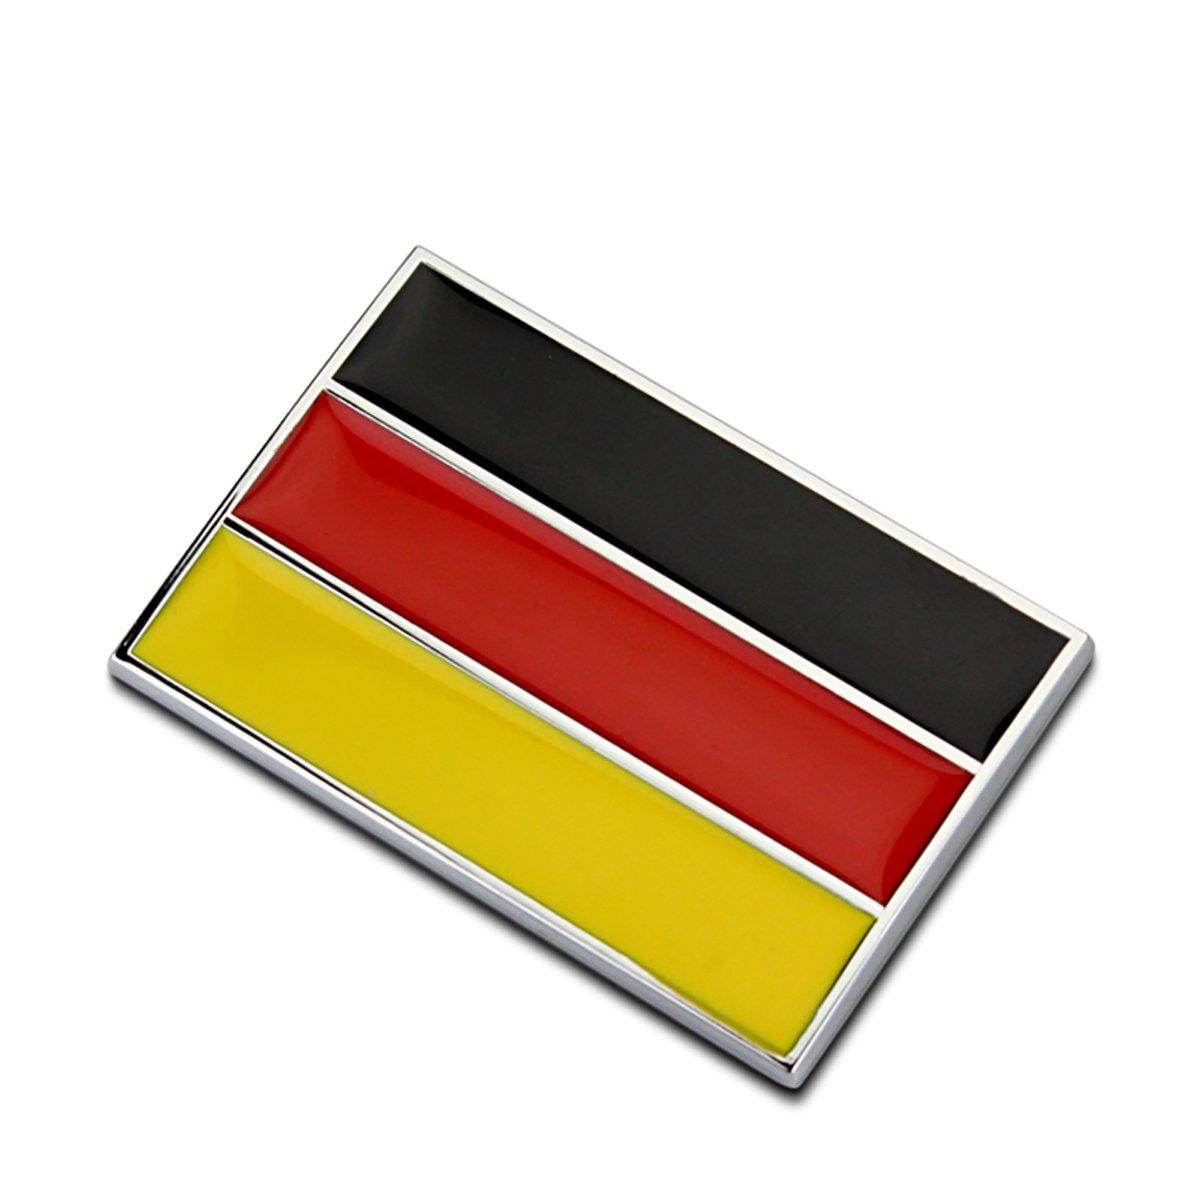 Dsycar 1Pcs 3D Metal Sweden Flag Car Side Fender Rear Trunk Emblem Badge Sticker Decal Car Styling Sweden